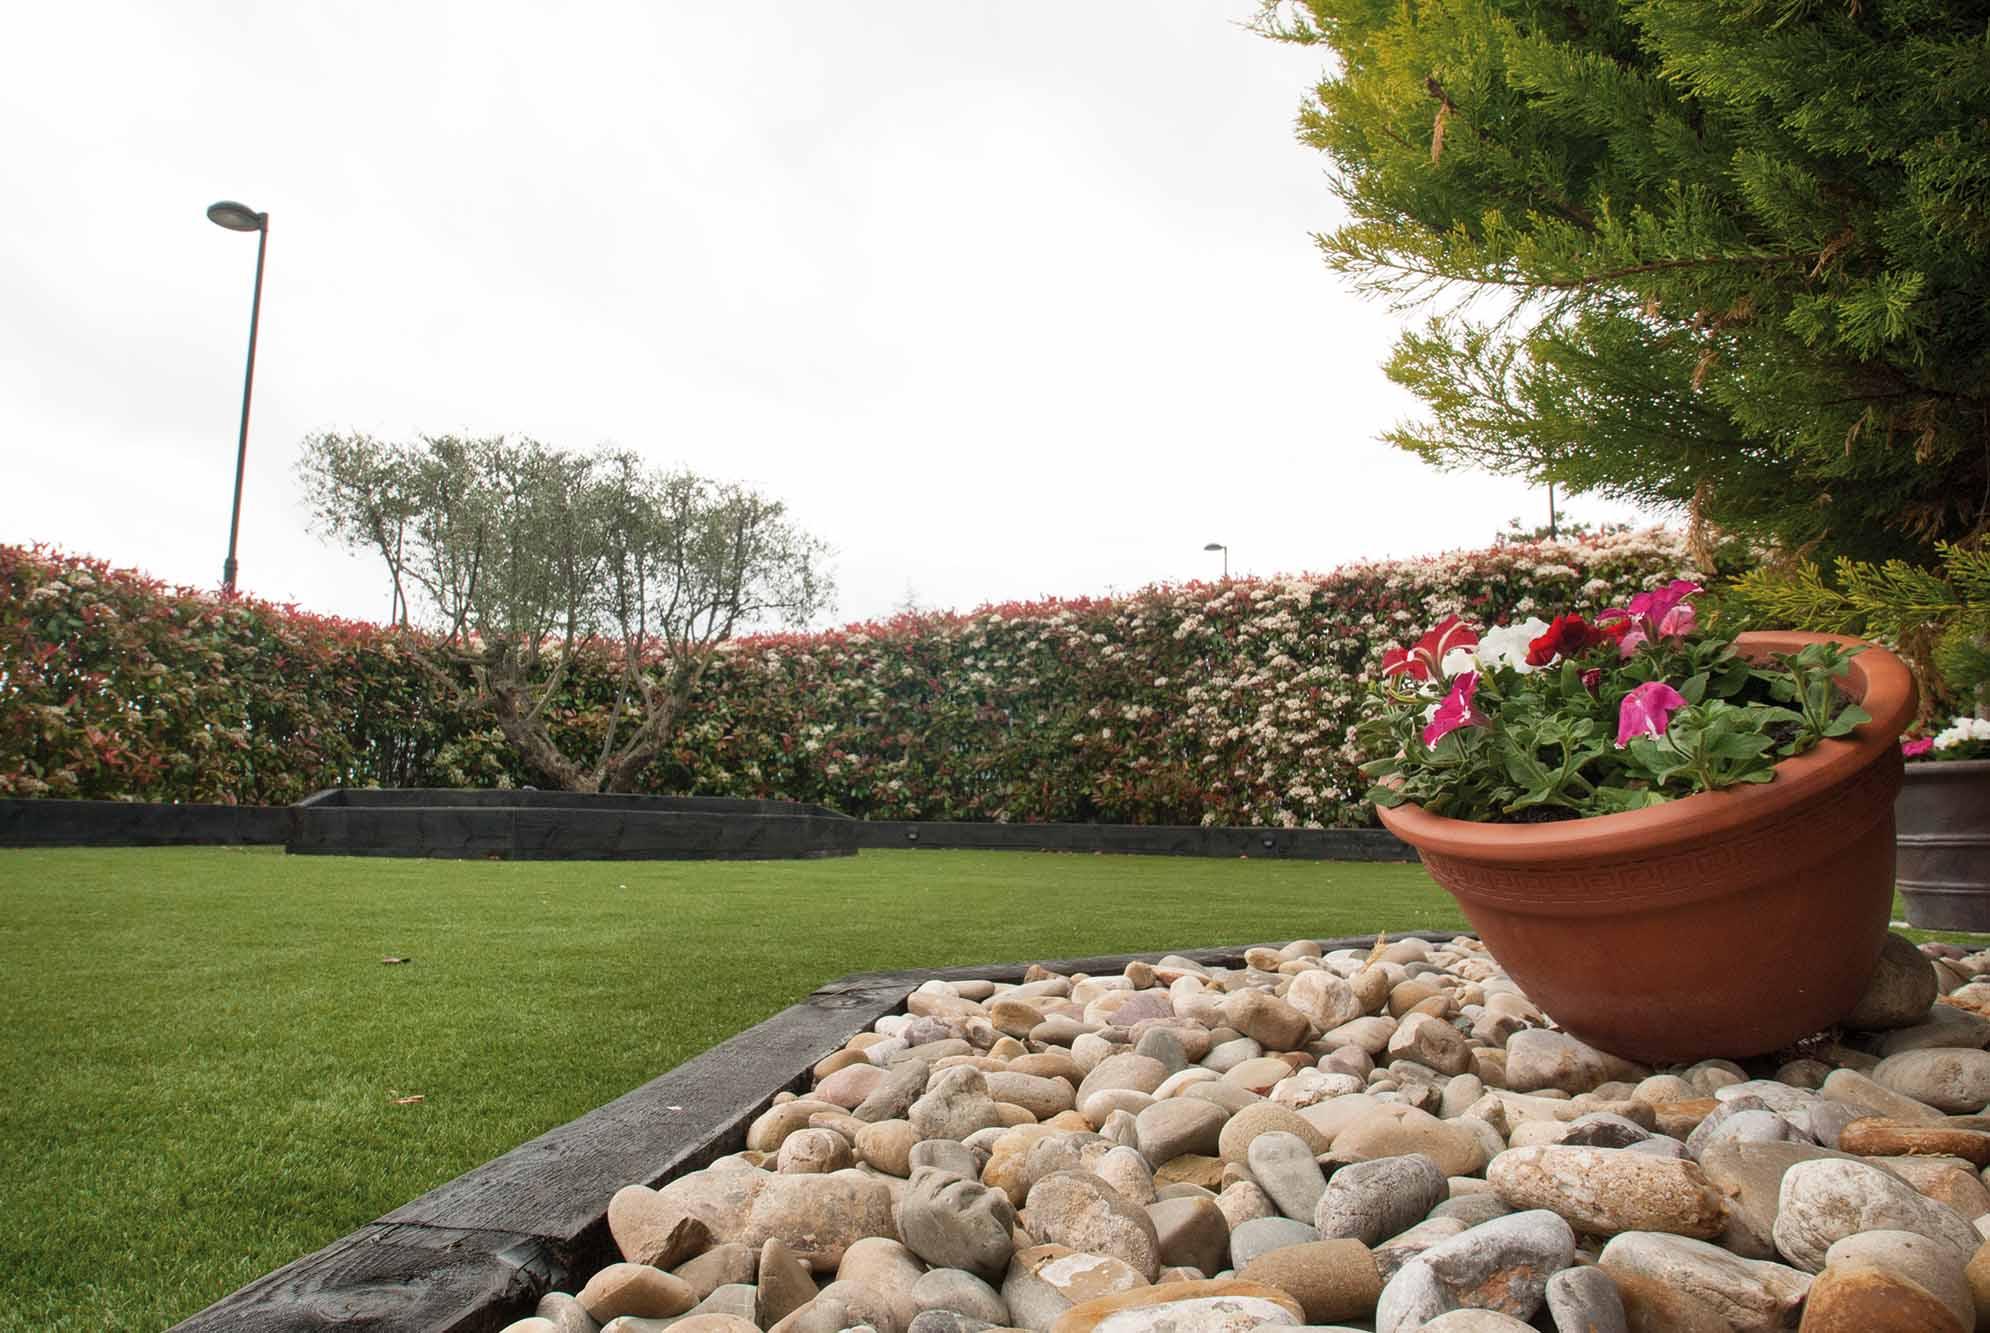 Jard n de bajo mantenimiento con c sped artificial for Jardines de bajo mantenimiento